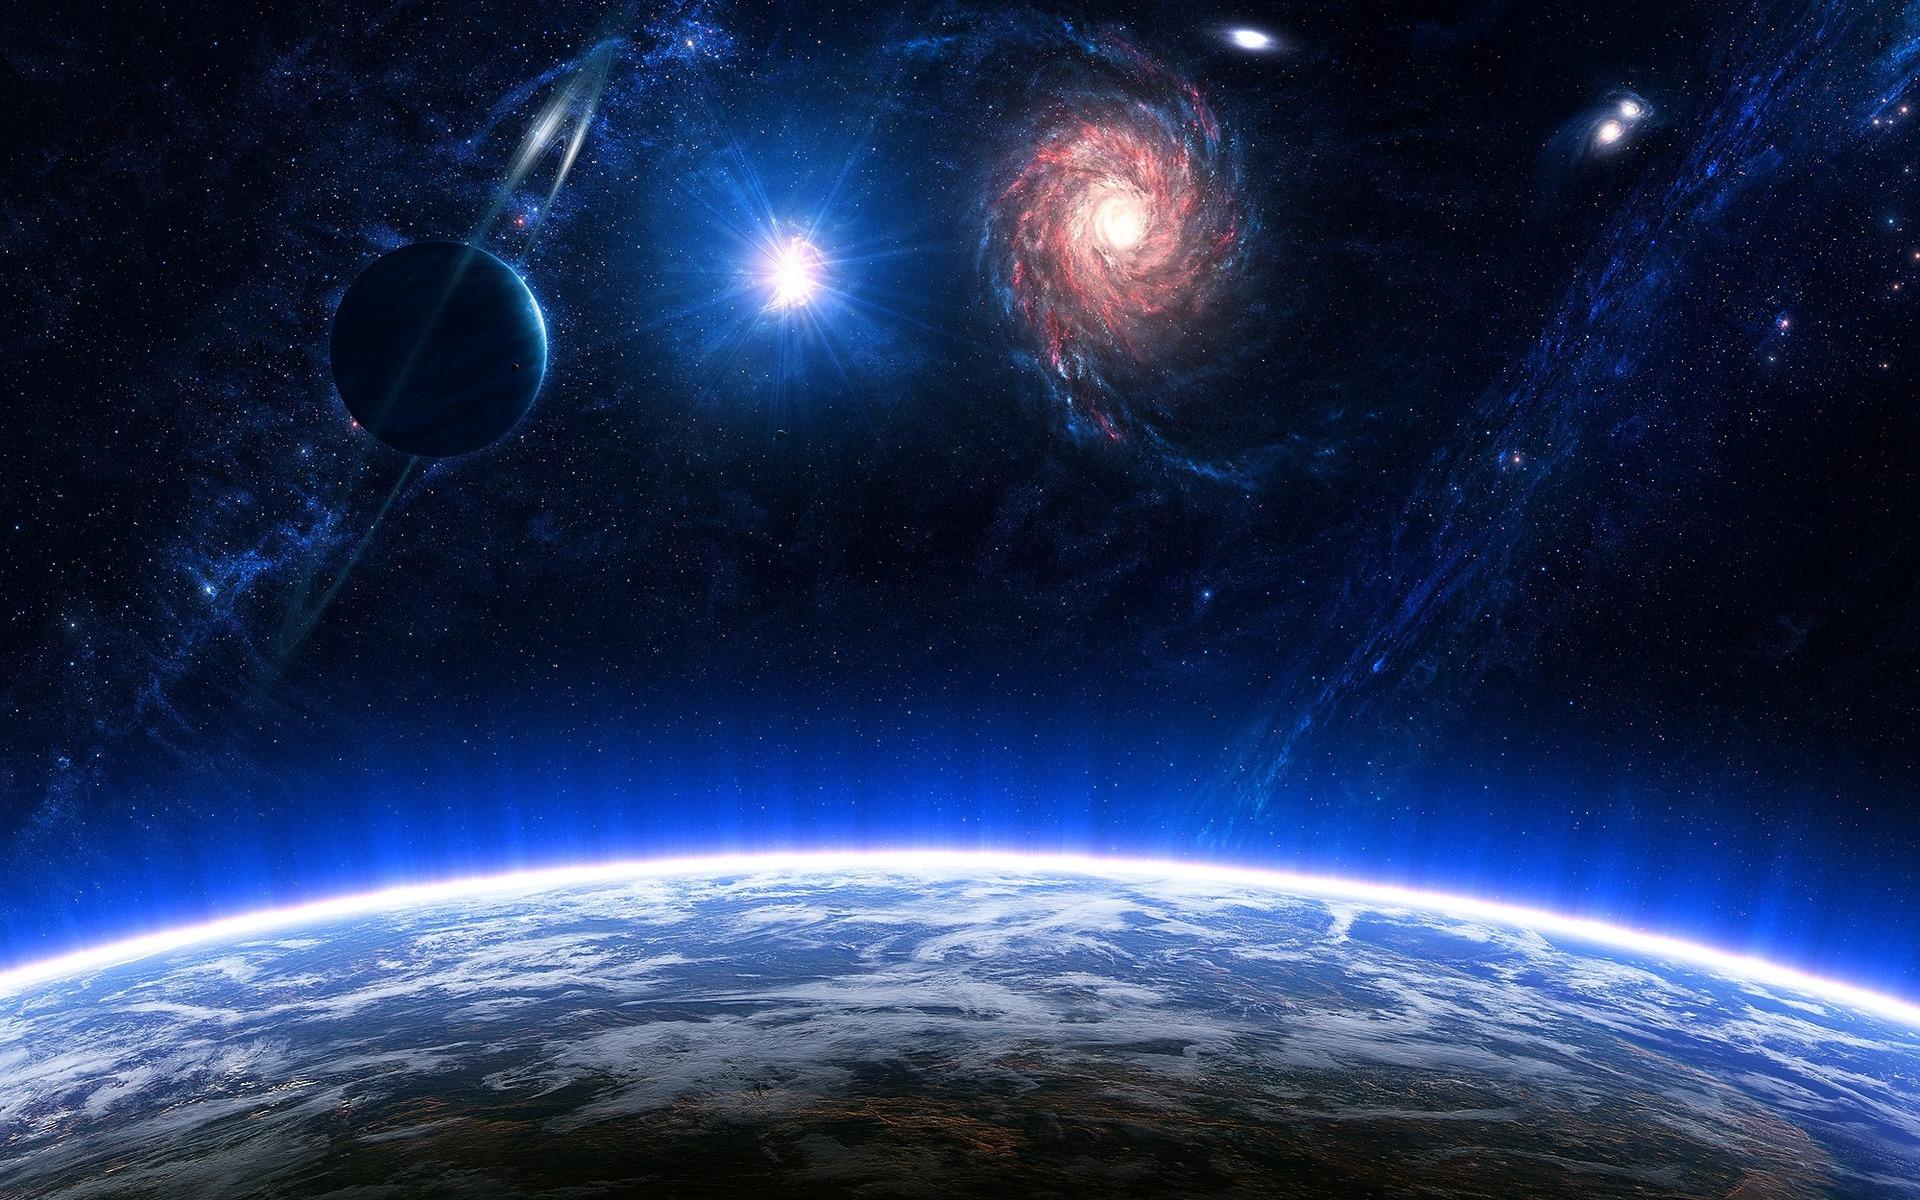 Обои галактика космос свет картинки на рабочий стол на тему Космос - скачать  № 1758561 без смс